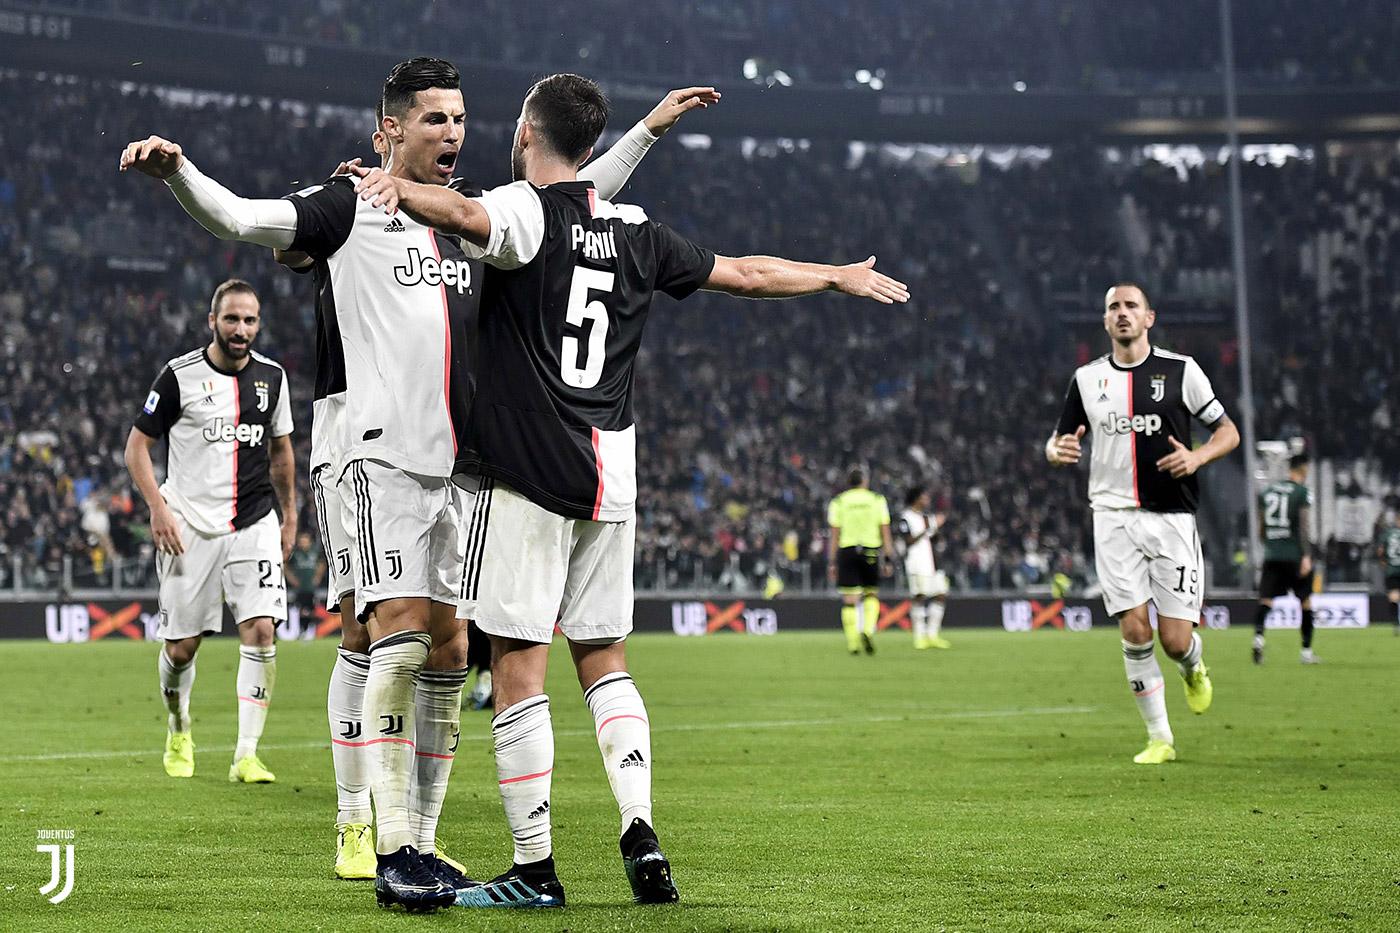 La Juve si allena, un rientro diventato virale dopo il Milan